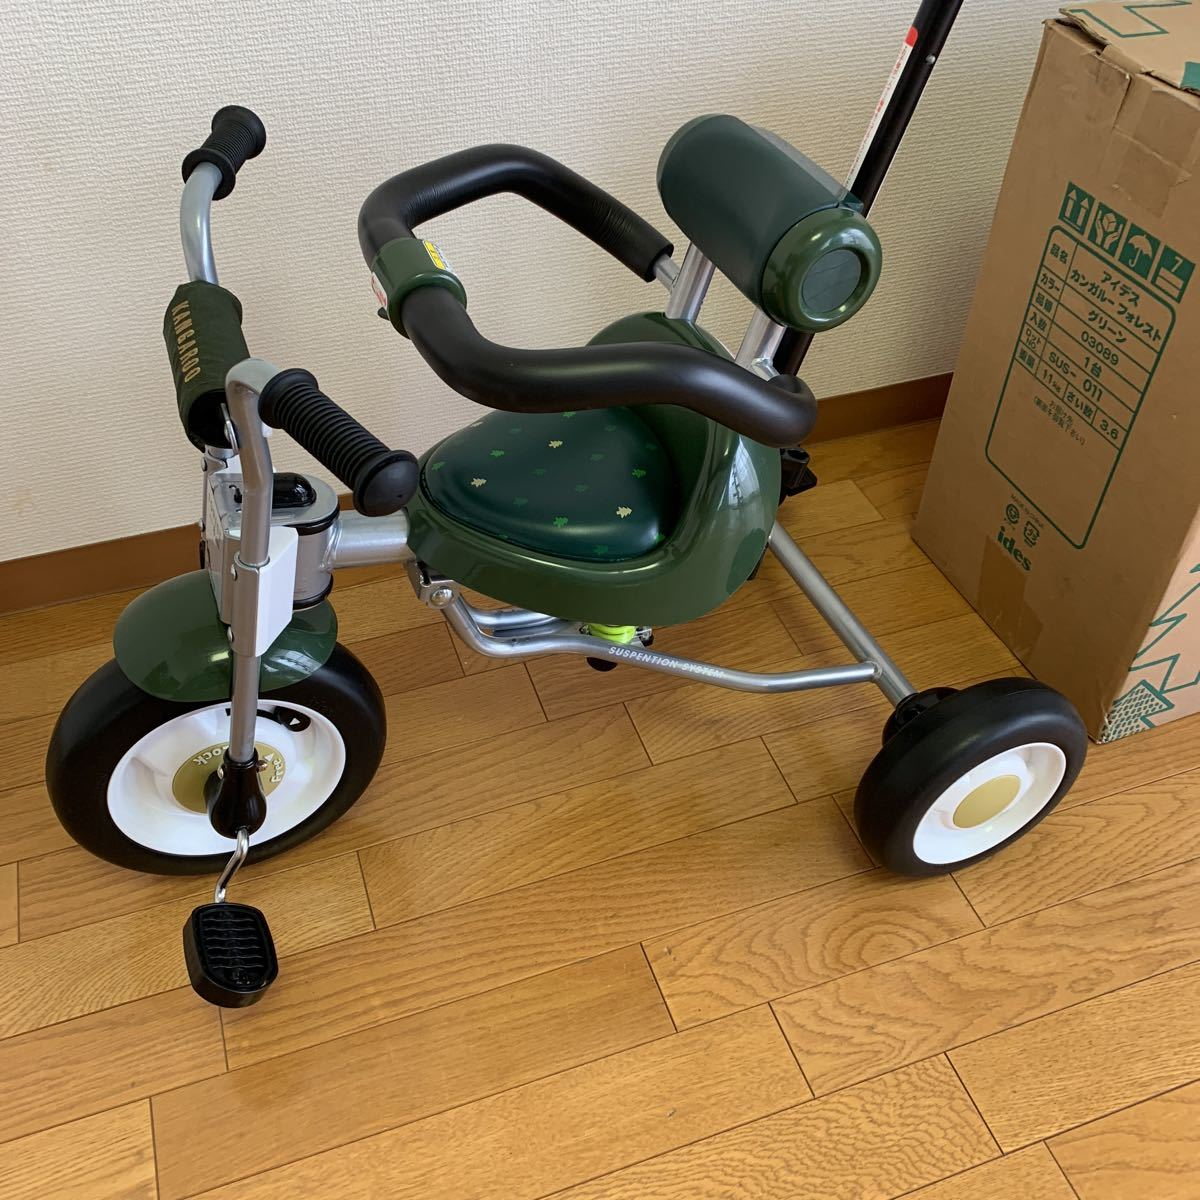 三輪車 アイデス フォレスト カンガルー ides KANGAROO FOREST_画像2